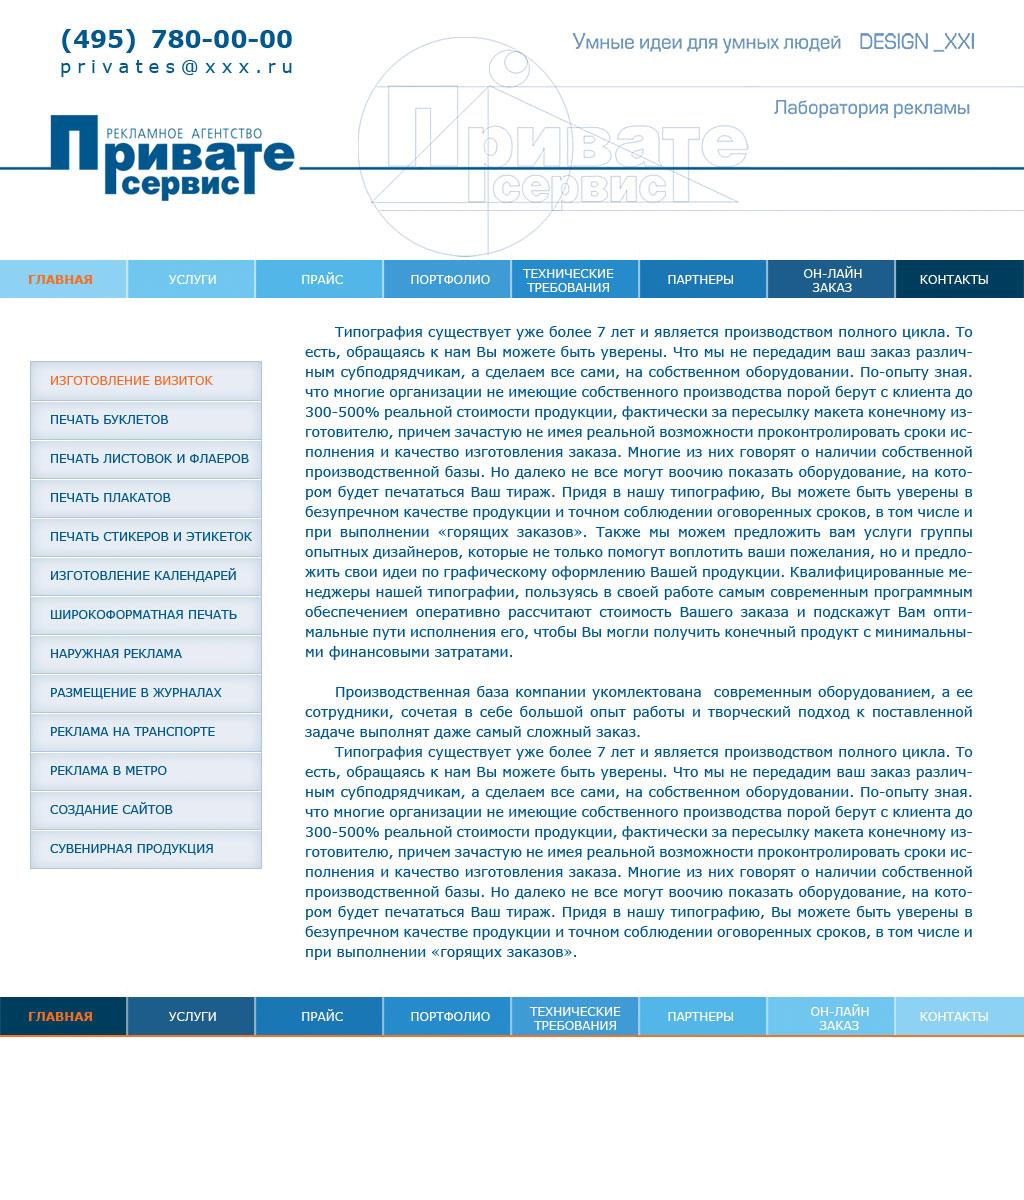 Вебдизайн для рекламного агентства